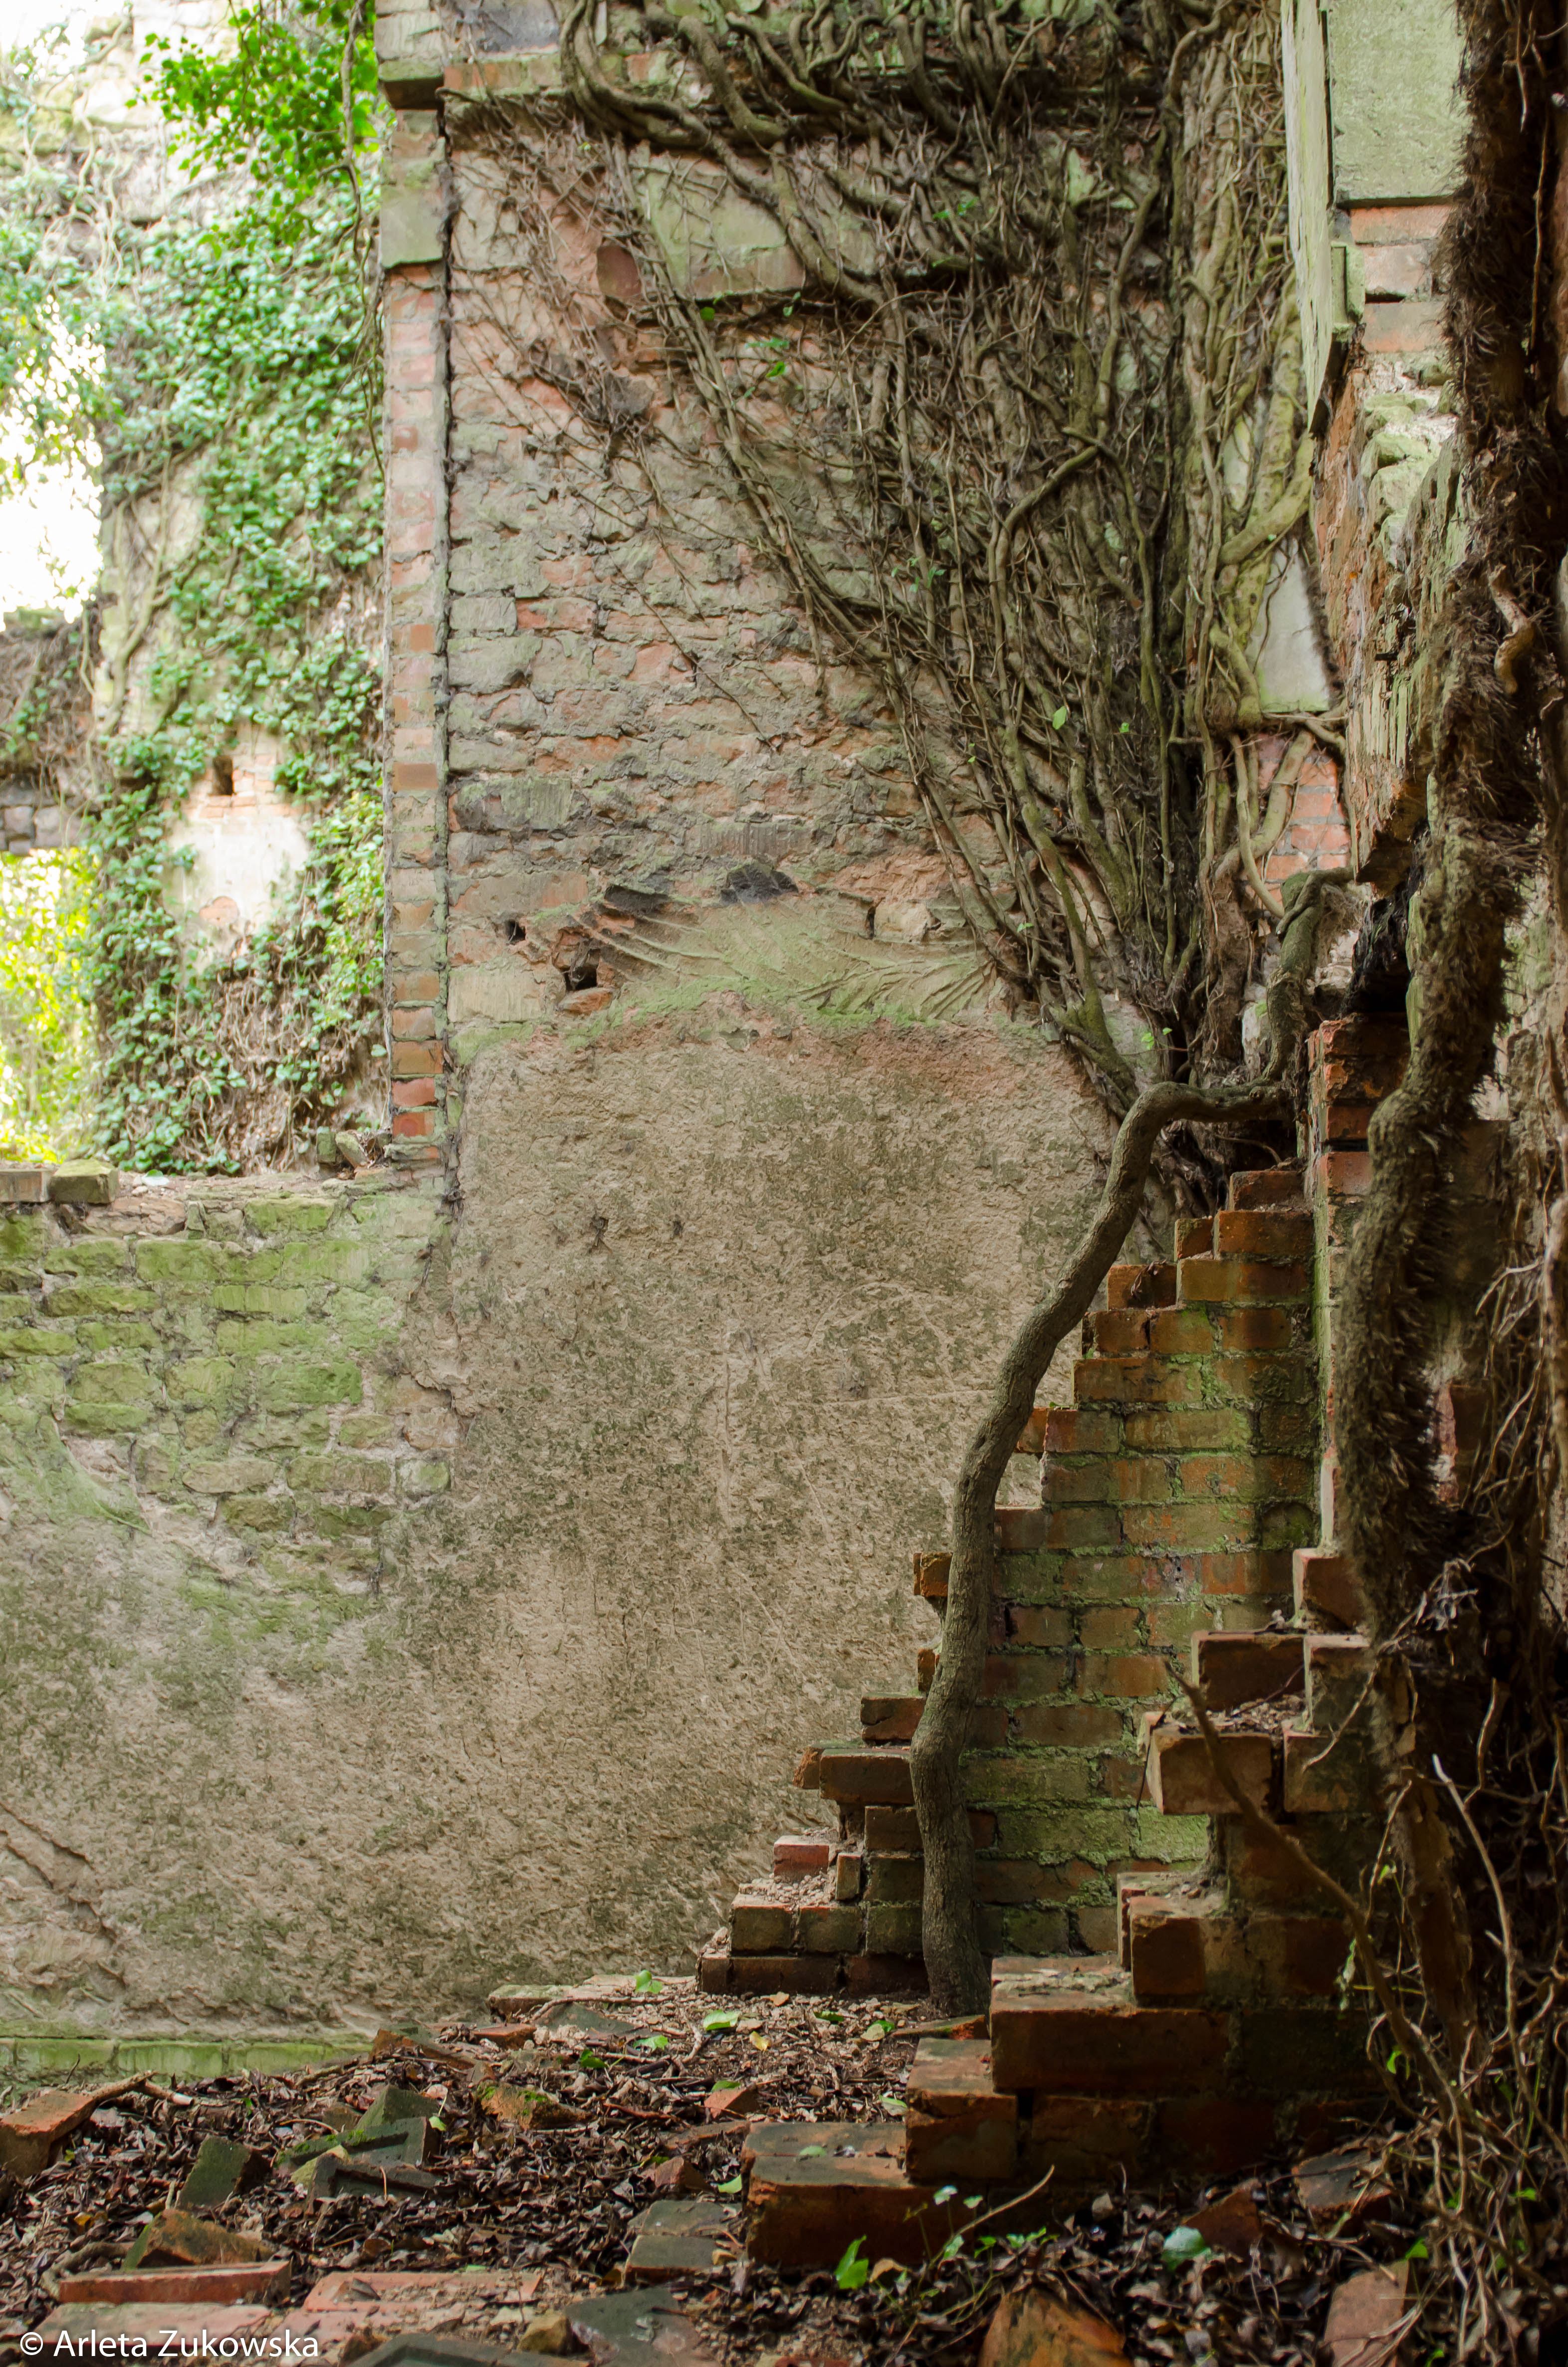 2014.01.18 - Riseholme Abandoned House II - 04